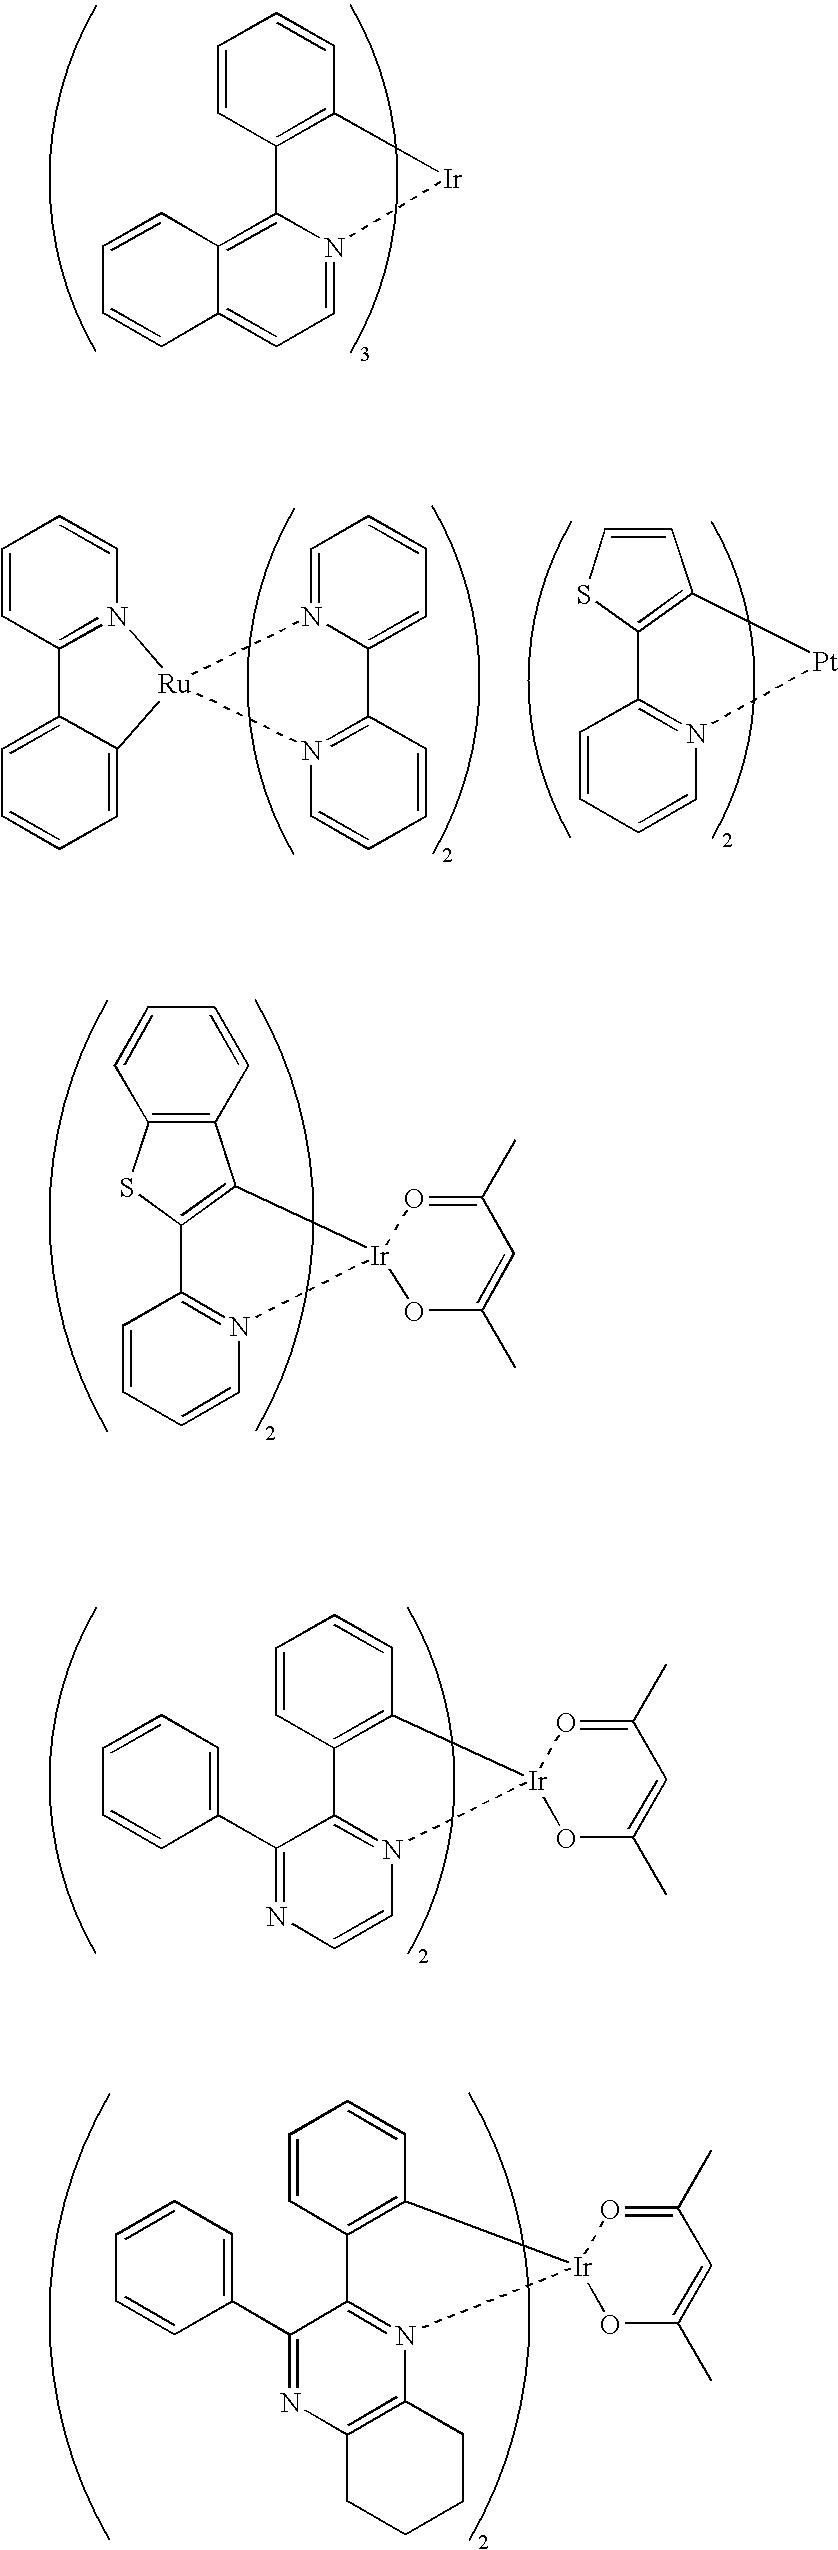 Figure US08154195-20120410-C00021